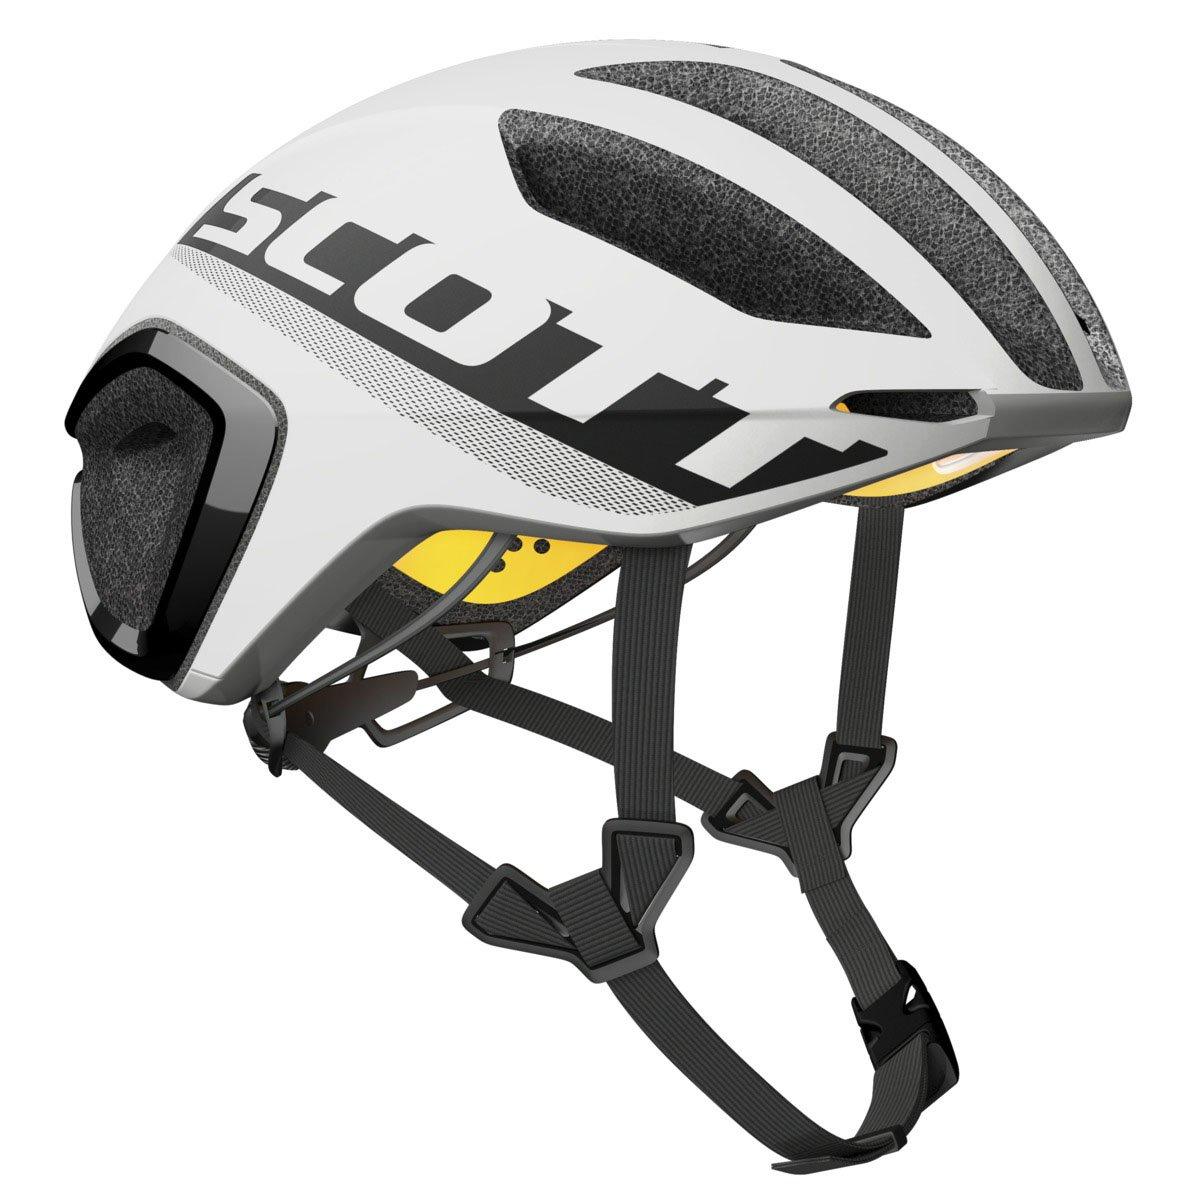 スコットケイデンスプラスヘルメットホワイト/ブラック、S   B01M5IHJO5